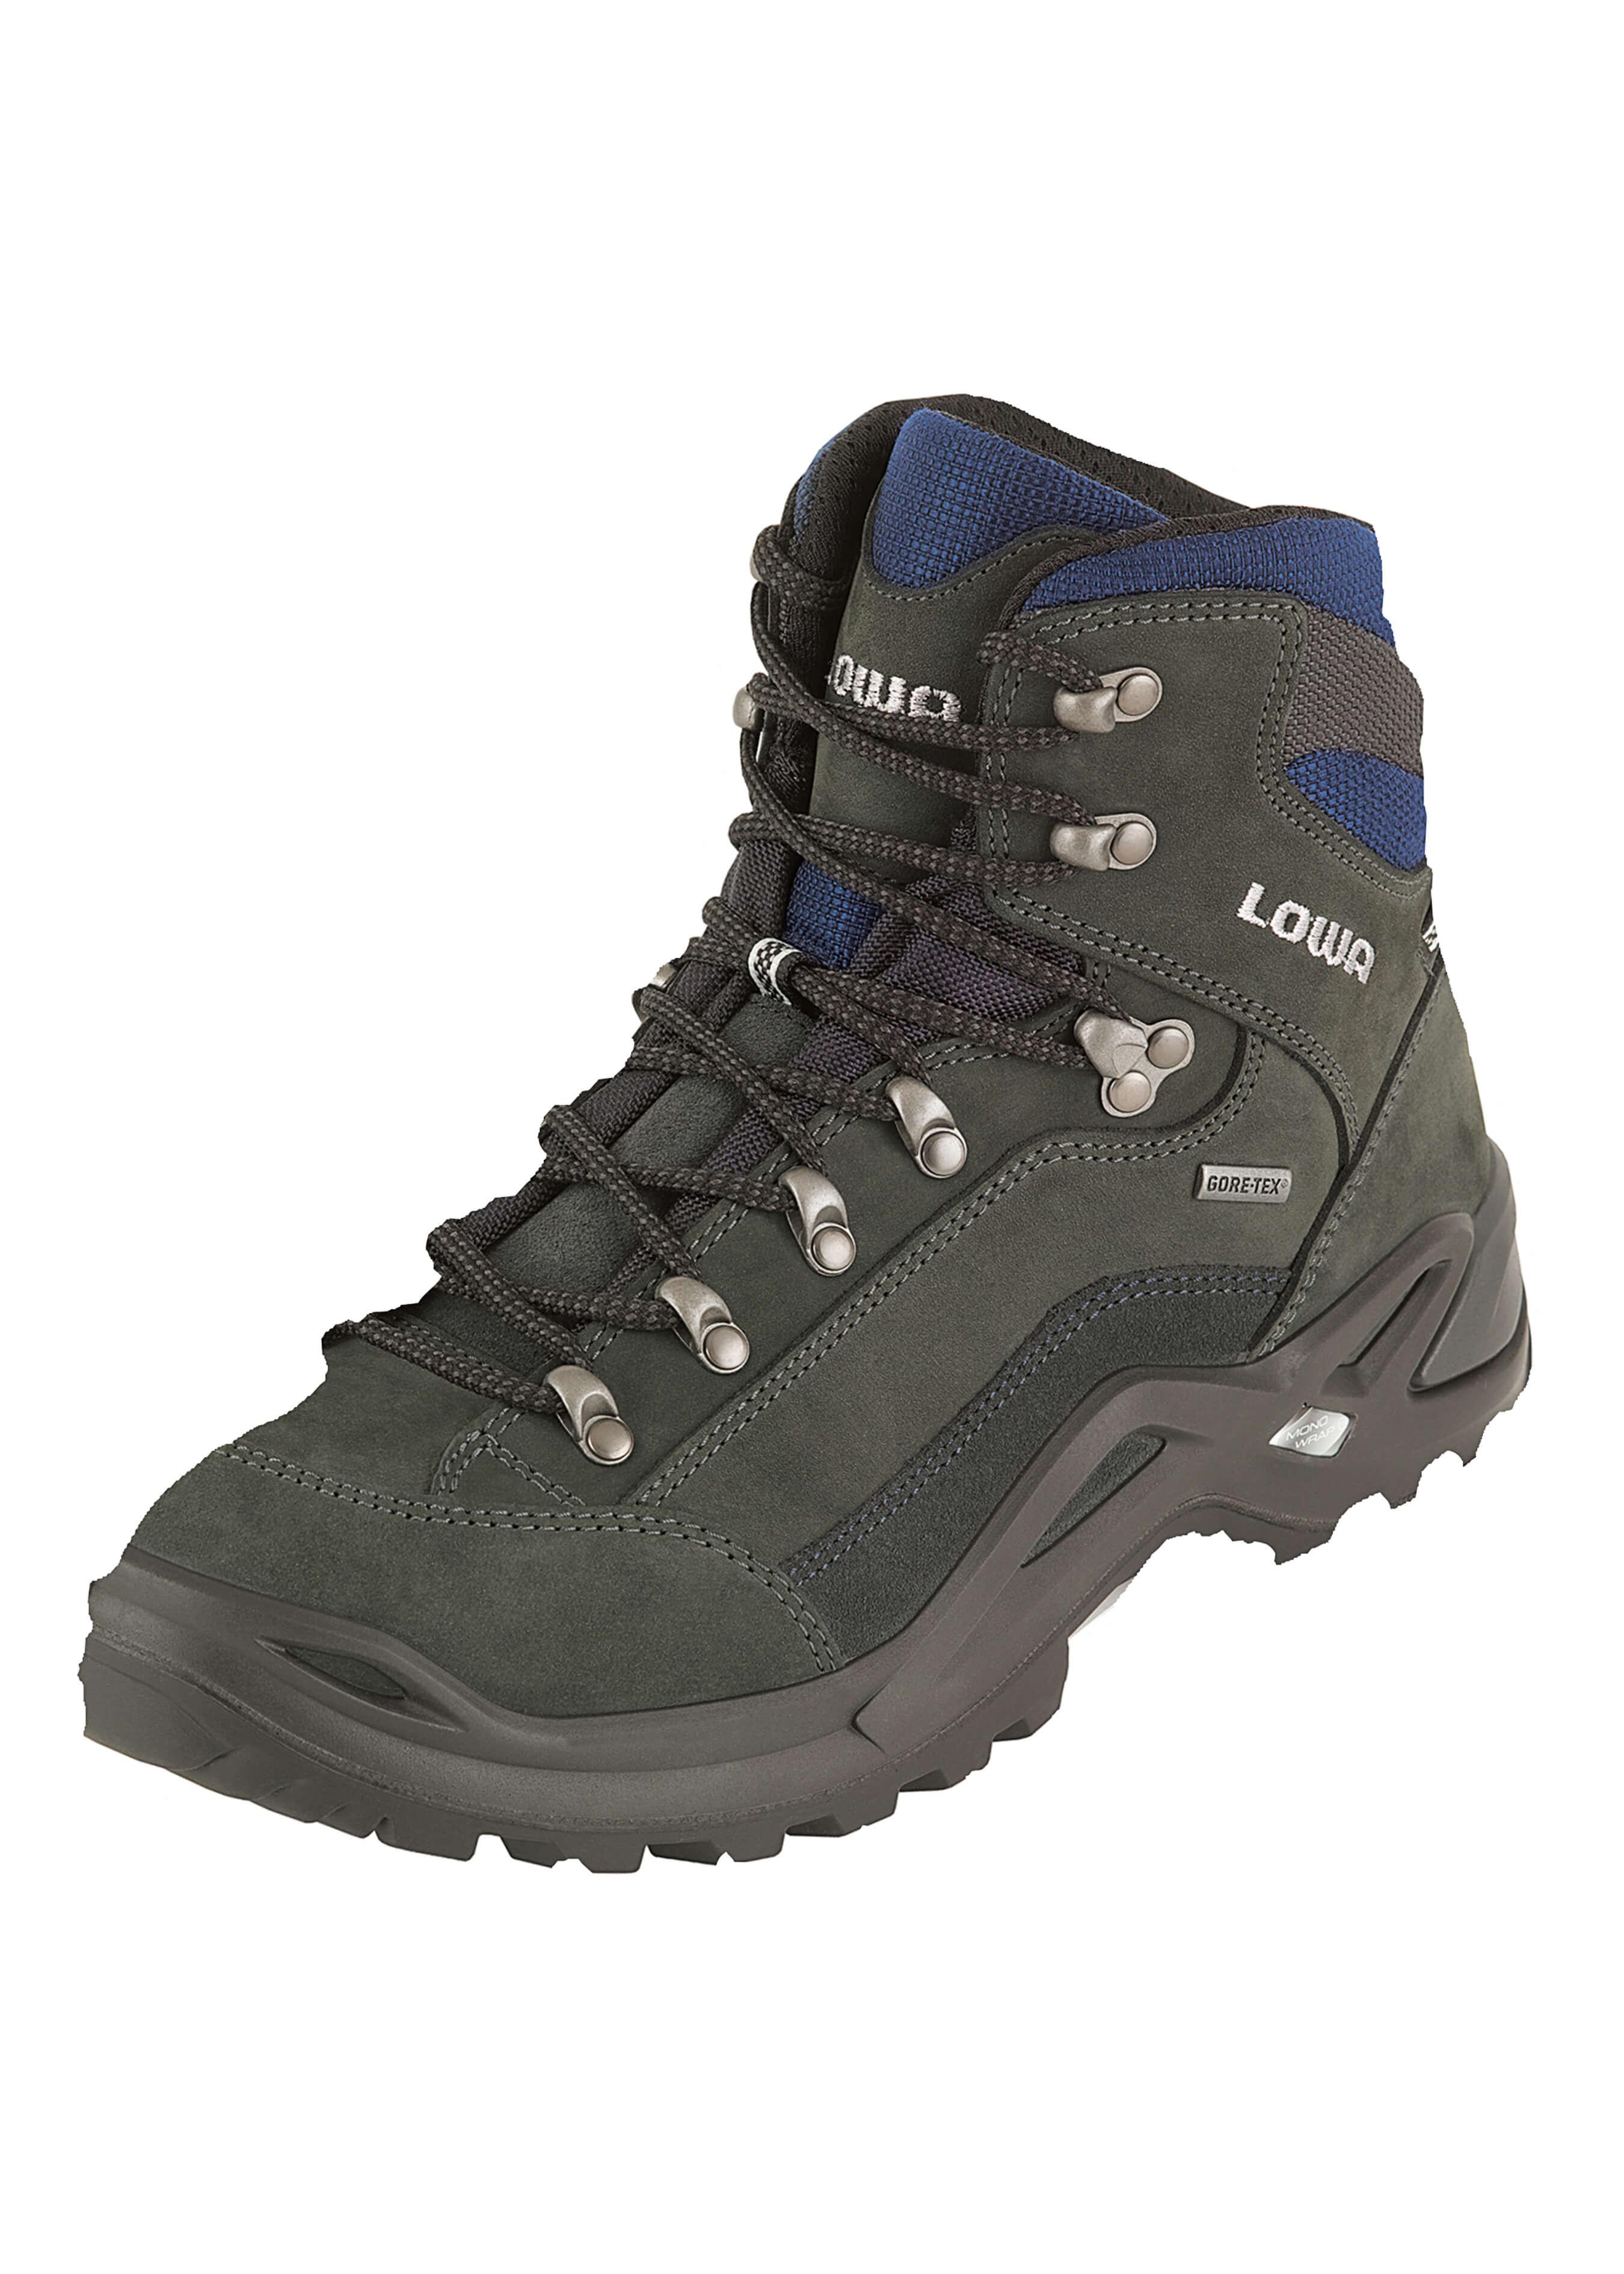 Chaussure polyvalente Renegade pour hommes L498910 1